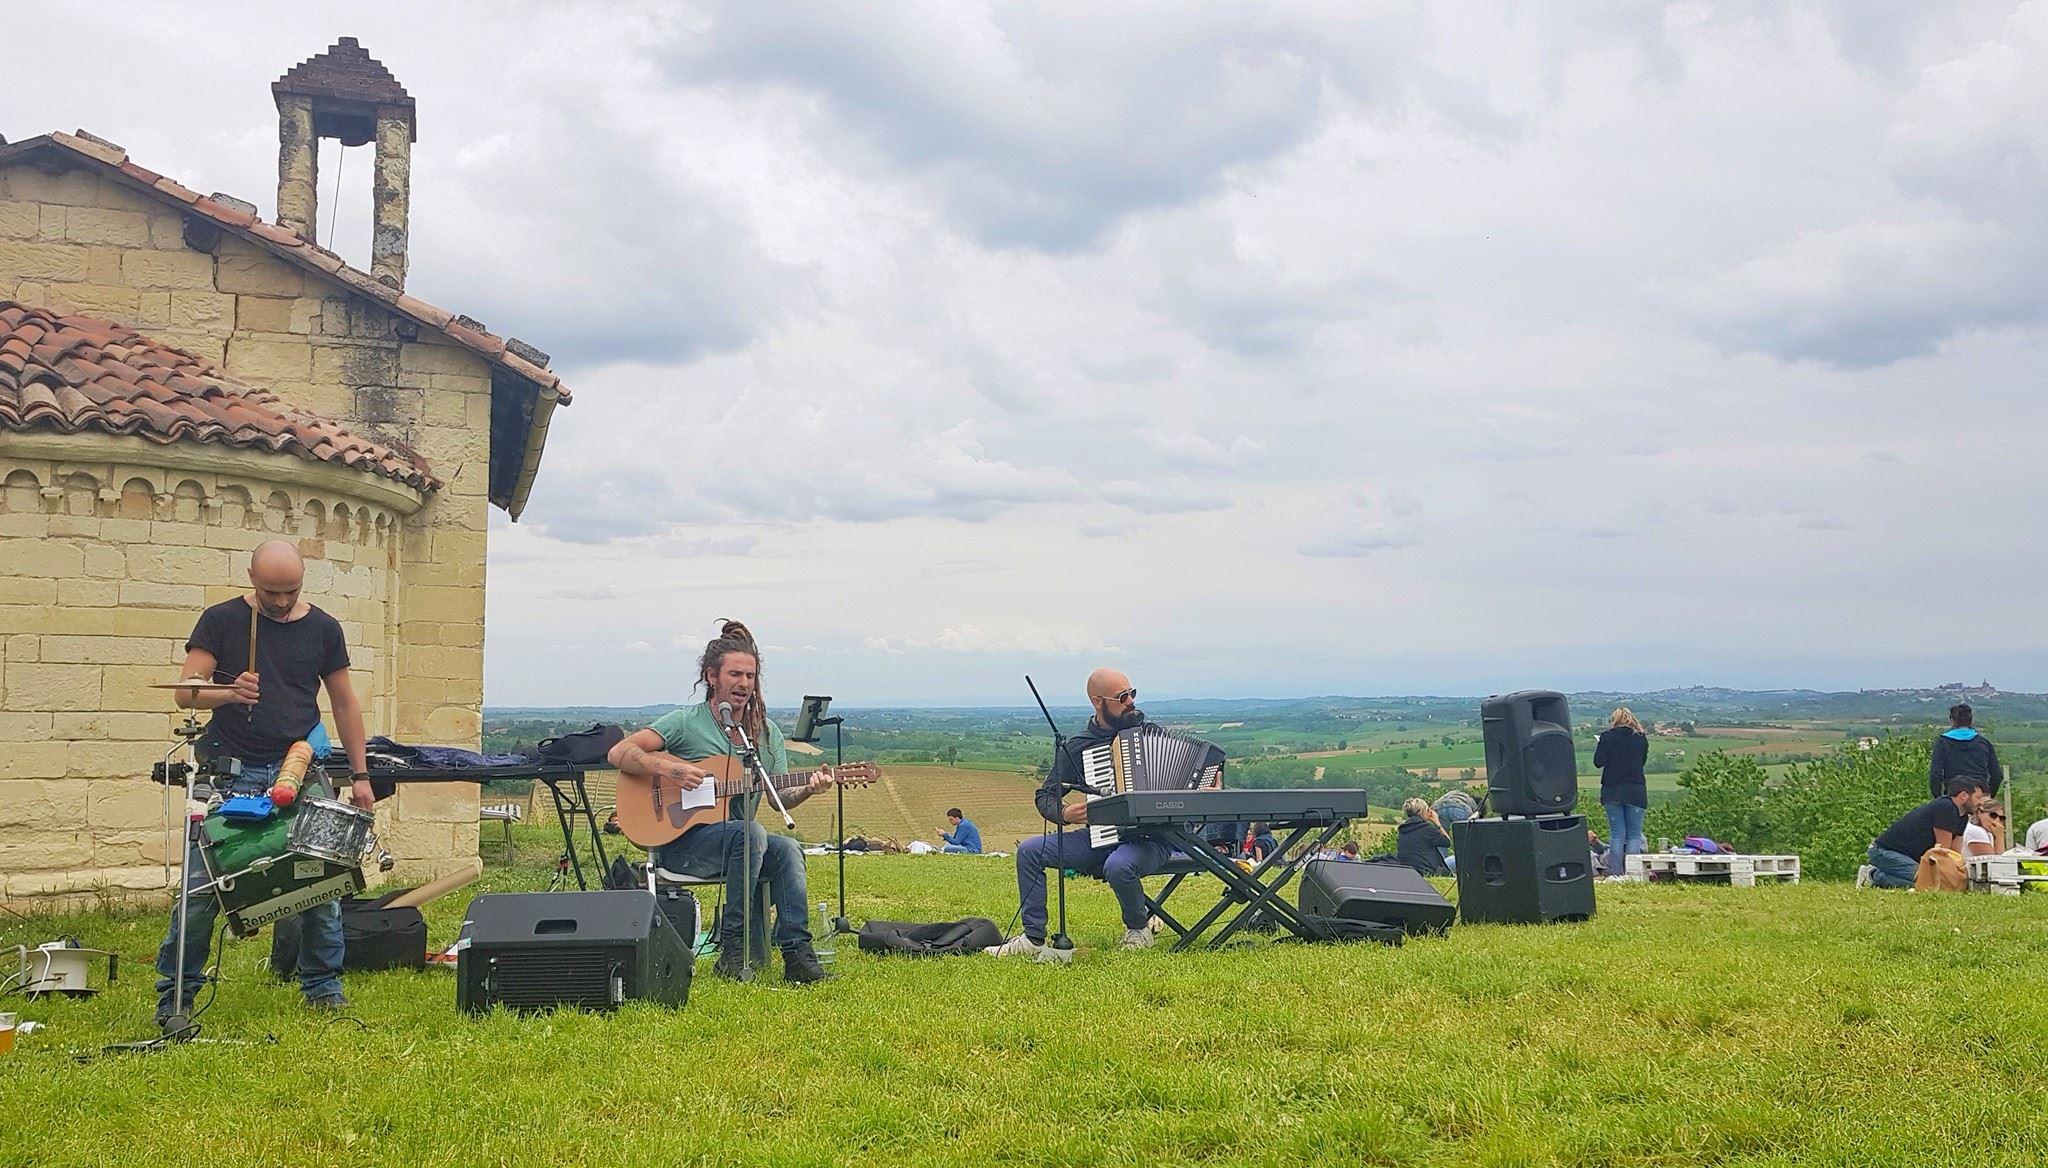 In un'antica chiesa ricostruita al contrario su una collina nel Monferrato sorge il Bar Chiuso: dove degustare vini, prodotti locali e buona musica